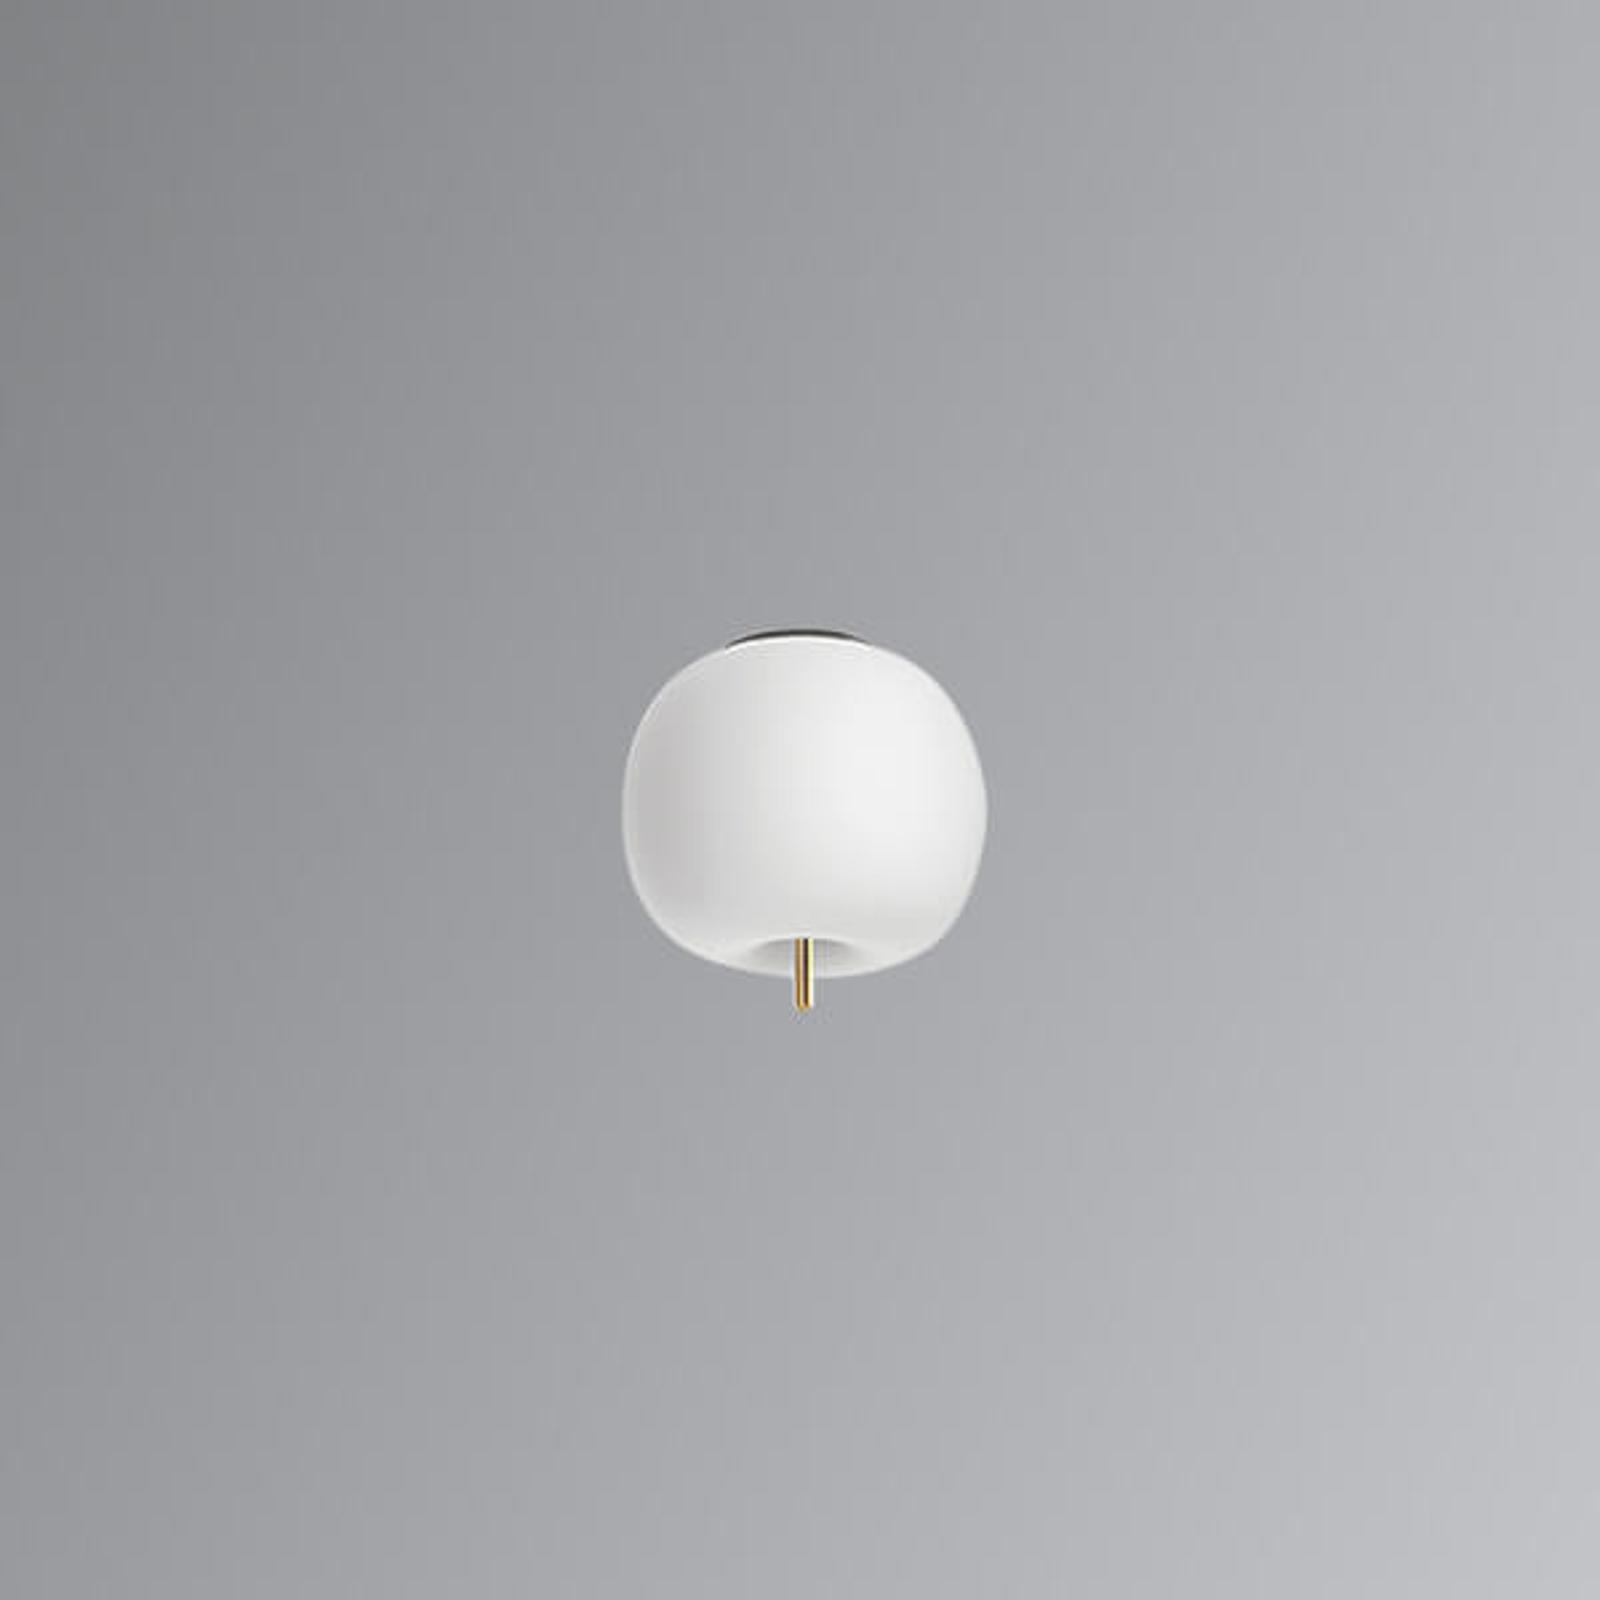 Plafoniera LED di design in vetro Kushi, 16 cm